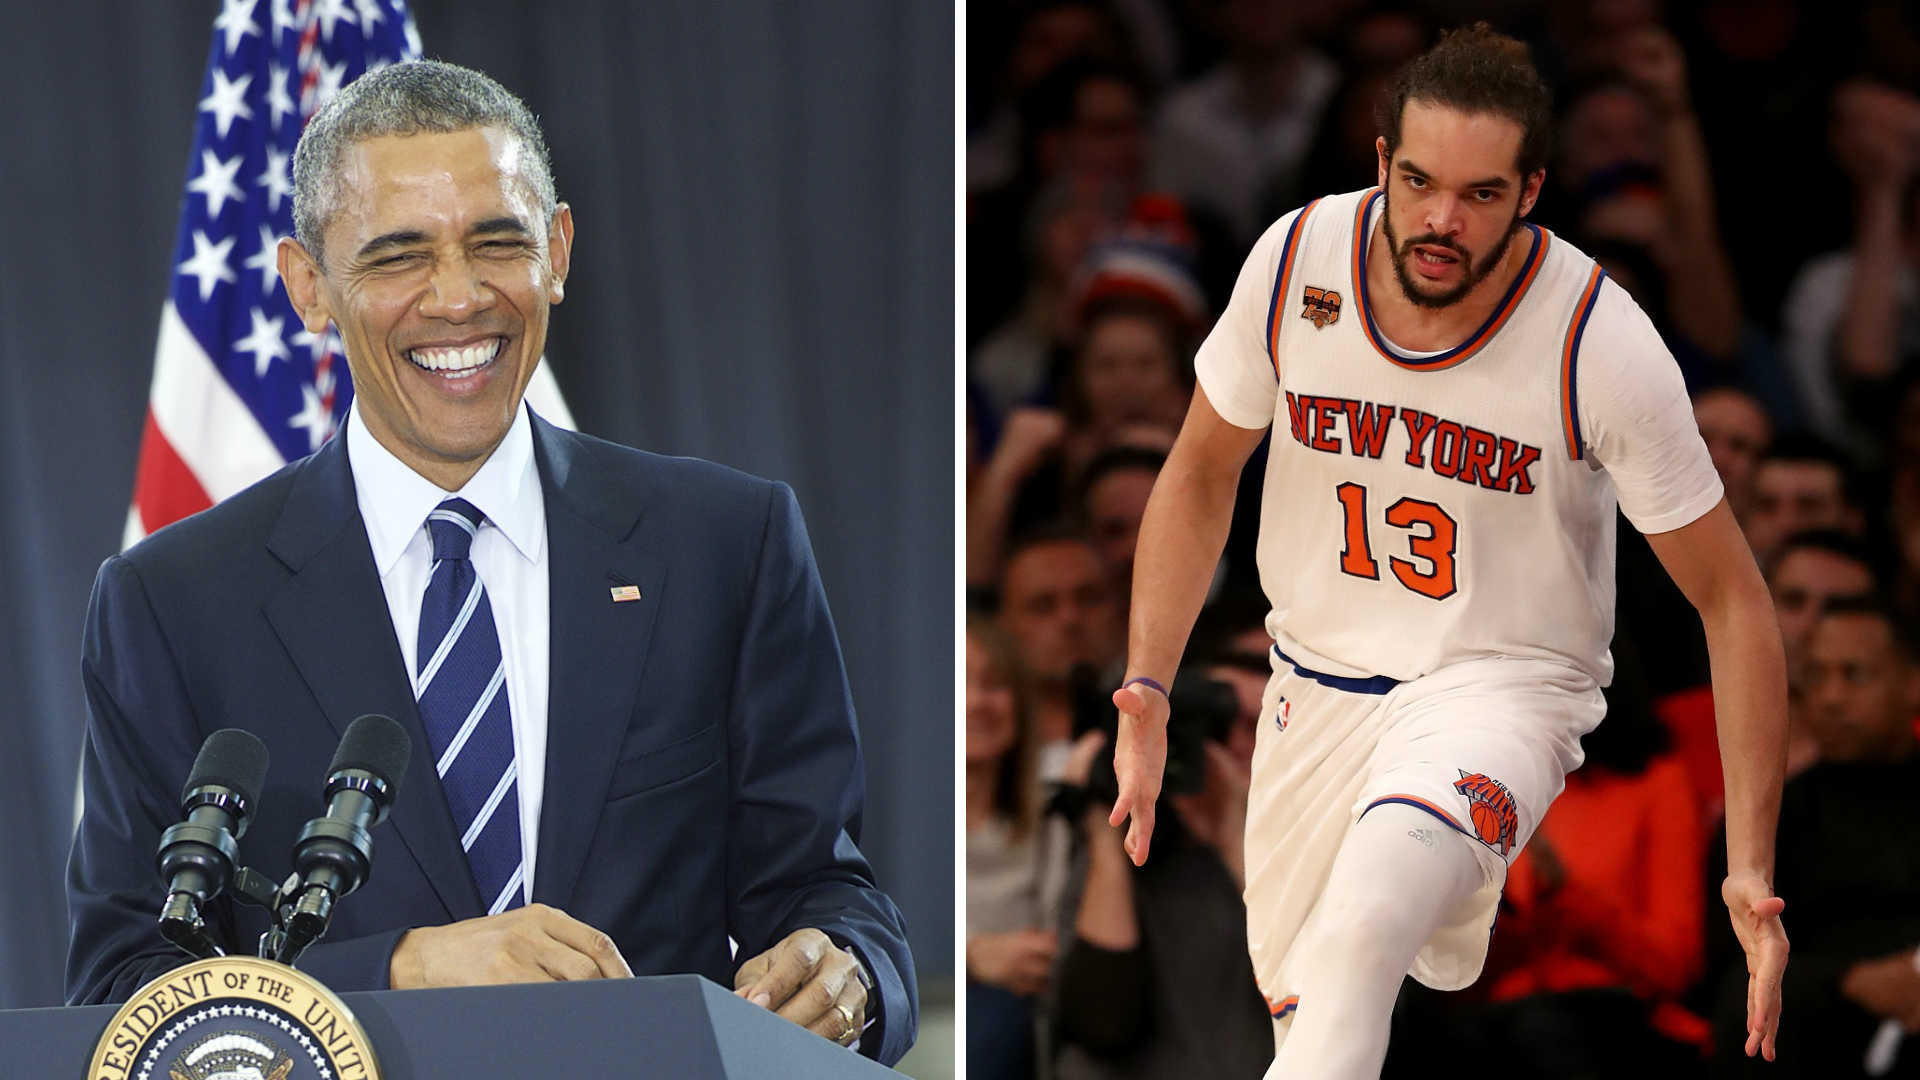 Barack-obama-joakim-noah-011917-getty-ftr_9791r4bodews1p4kah7rpb9kb